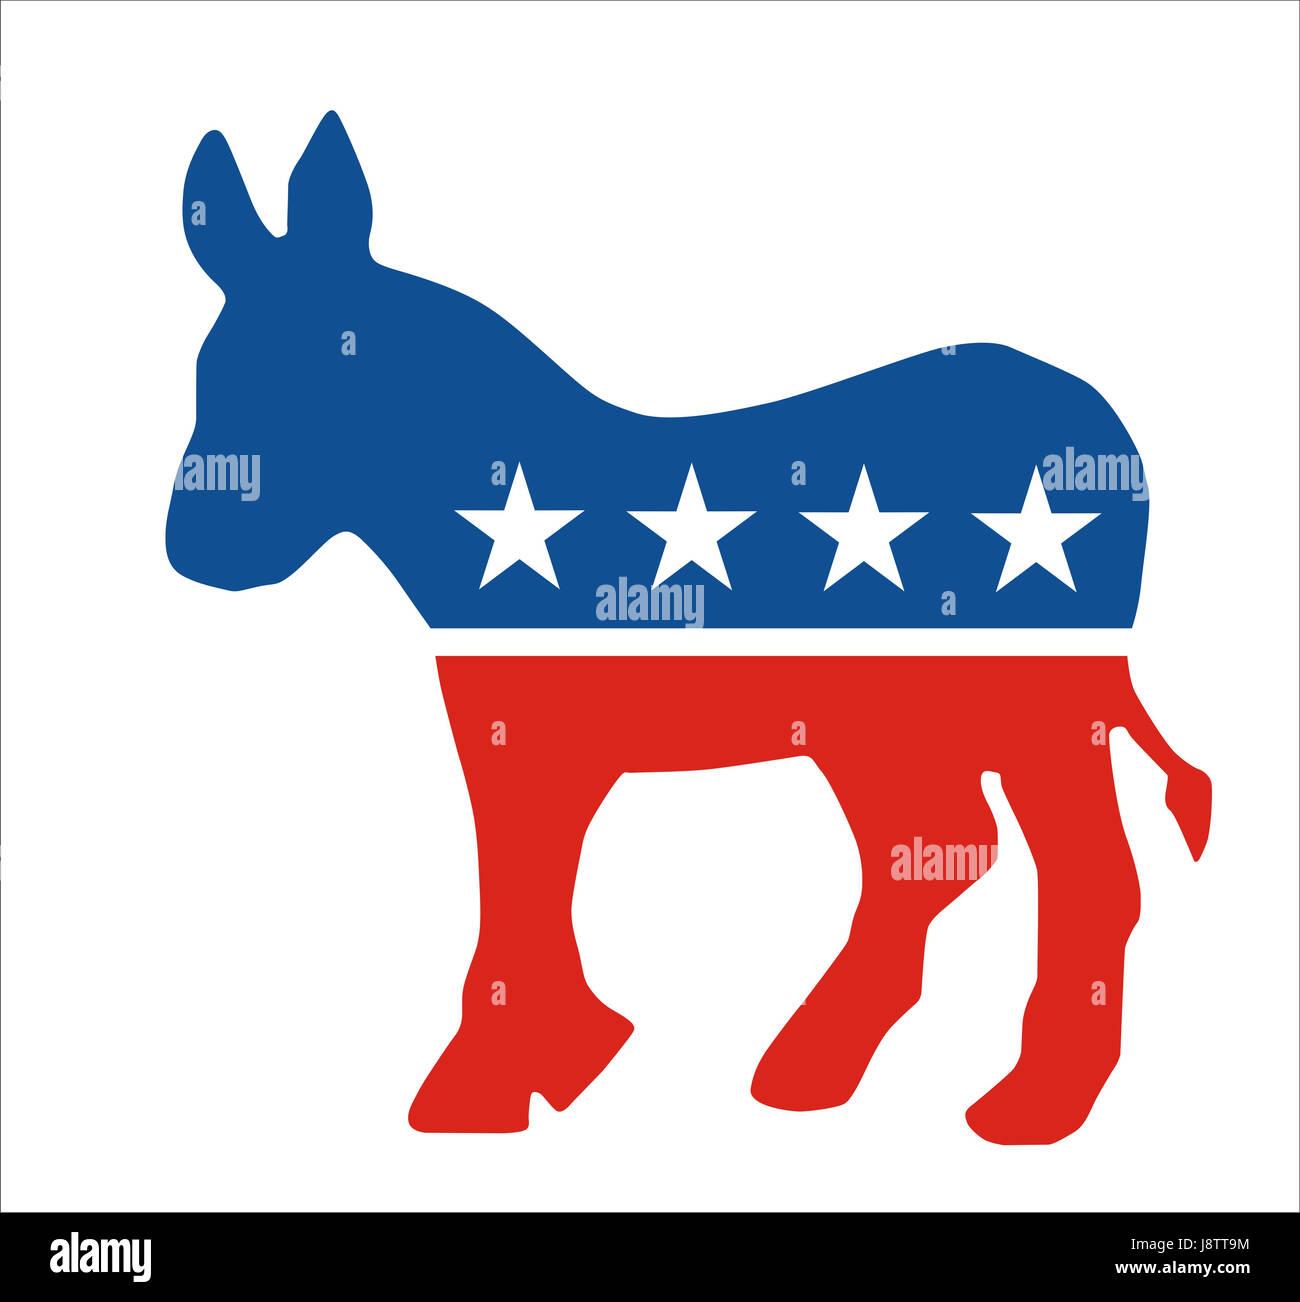 democratic, political, usa, america, flag, donkey, party, states, united, - Stock Image